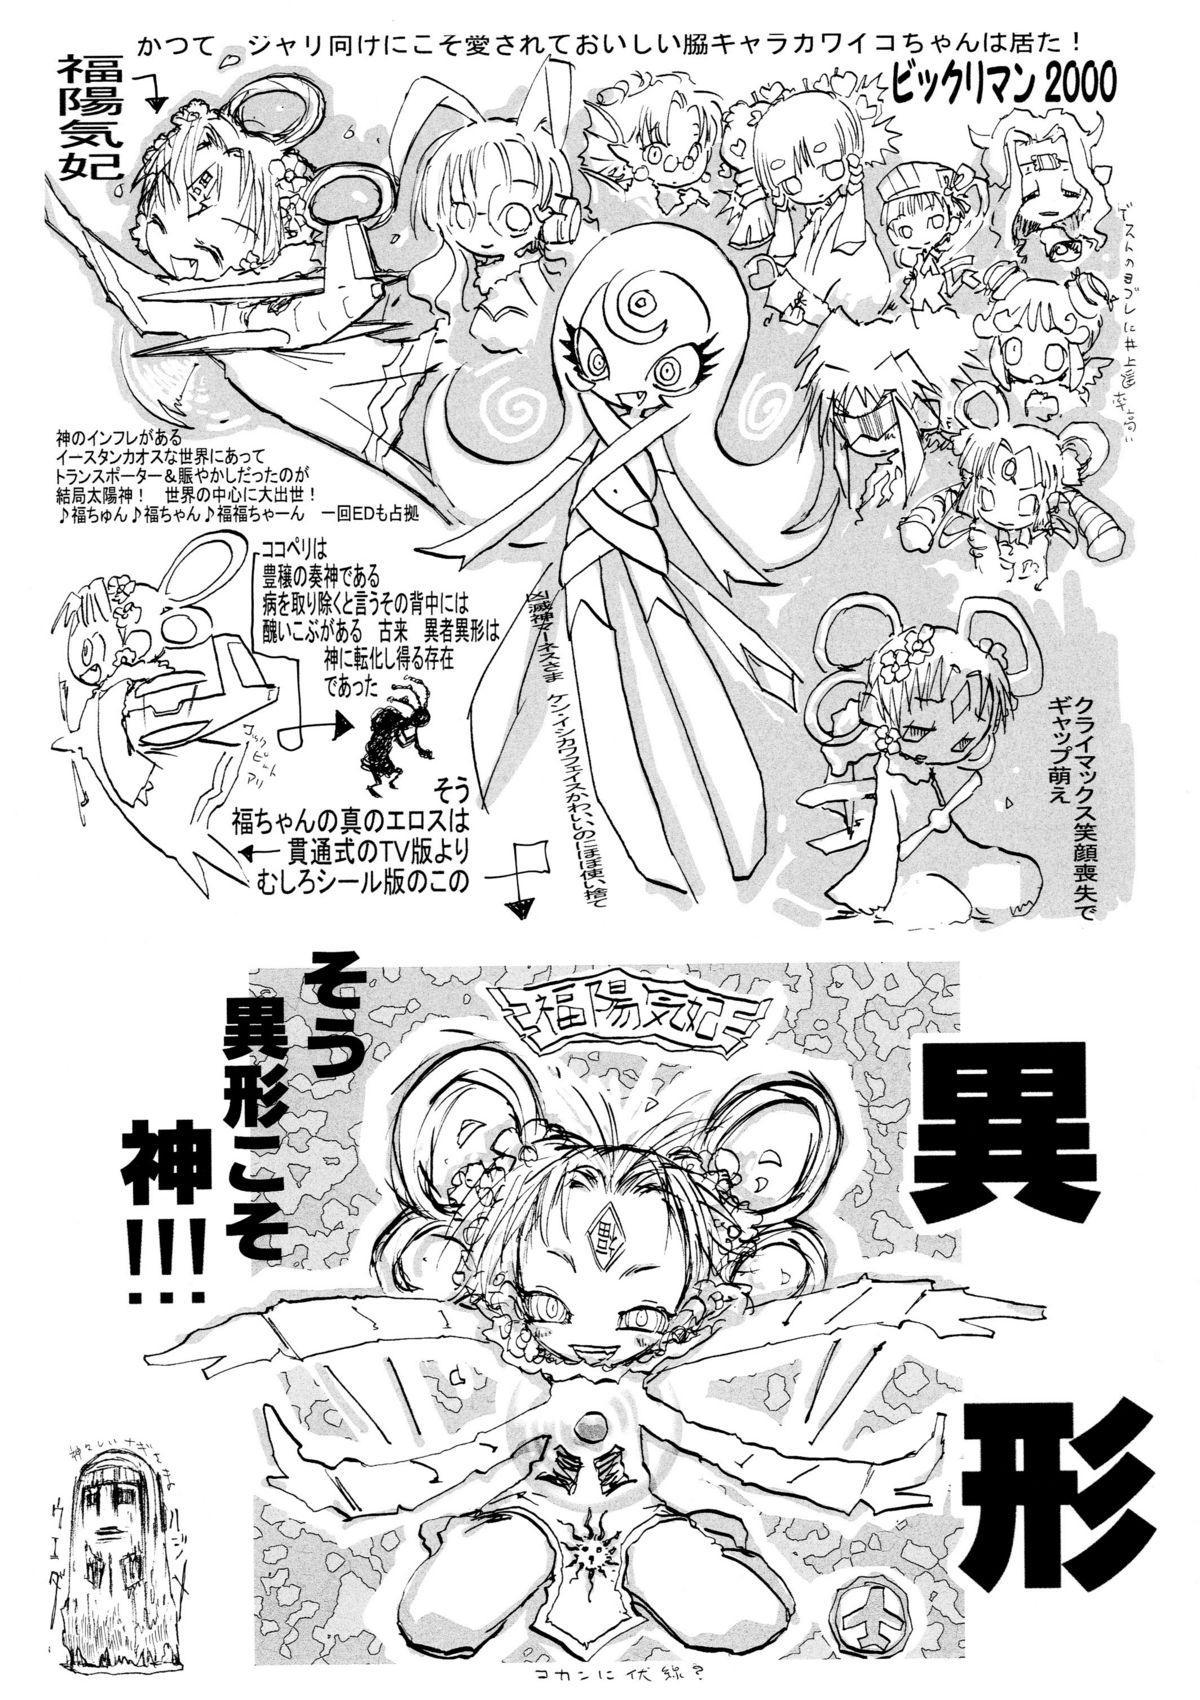 Kamisama Megaton Punch 11 89